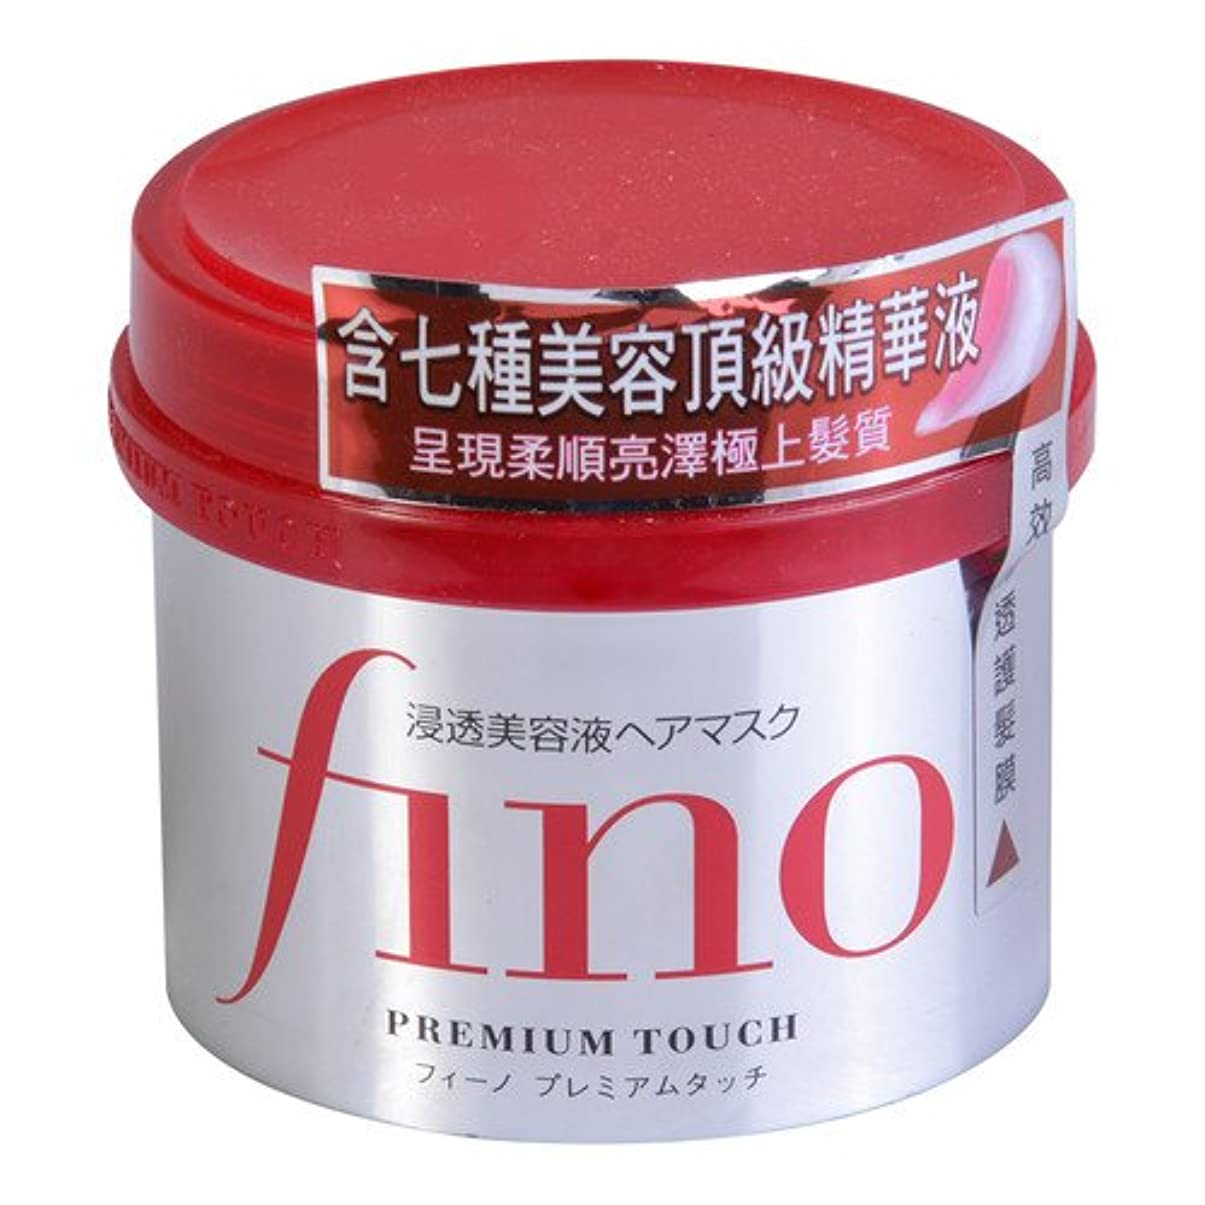 控えめな彼らは平等フィーノ プレミアムタッチ 浸透美容液ヘアマスク230g